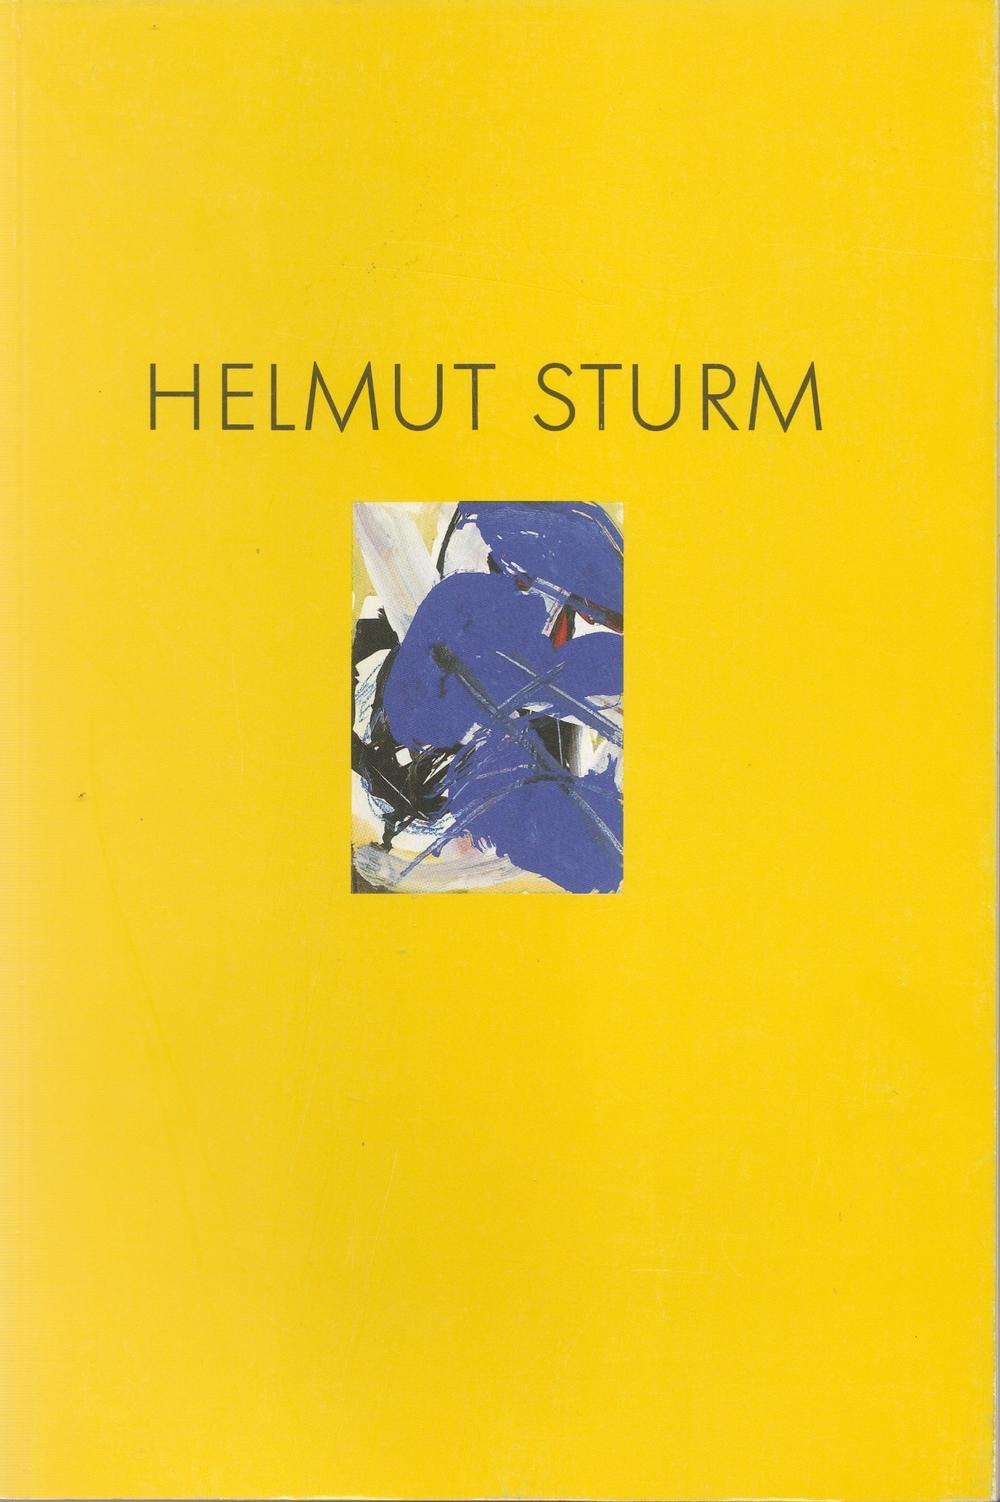 Helmut Sturm, 1991